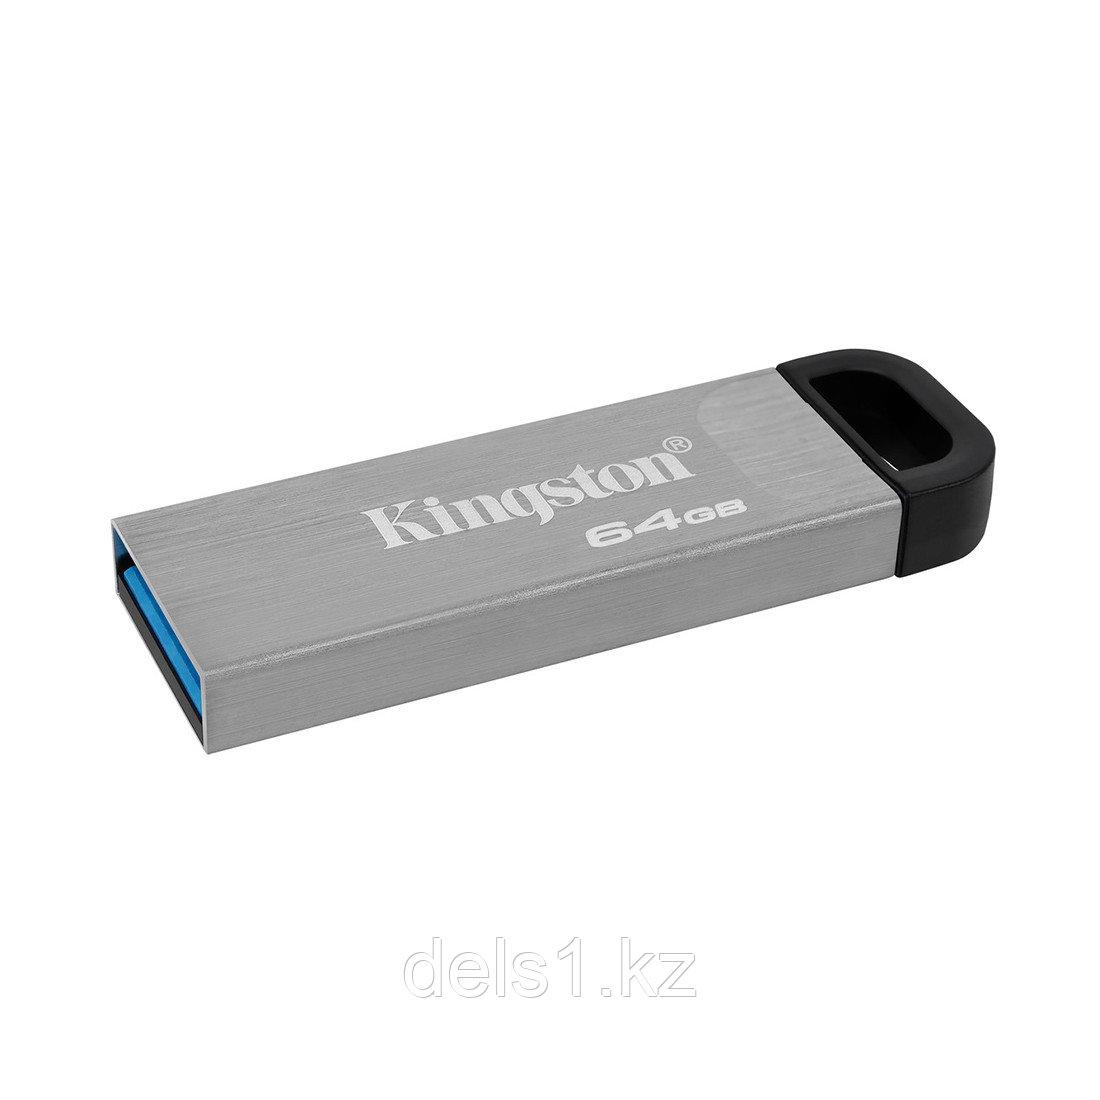 USB-накопитель Kingston DTKN/64GB 64GB Серебристый